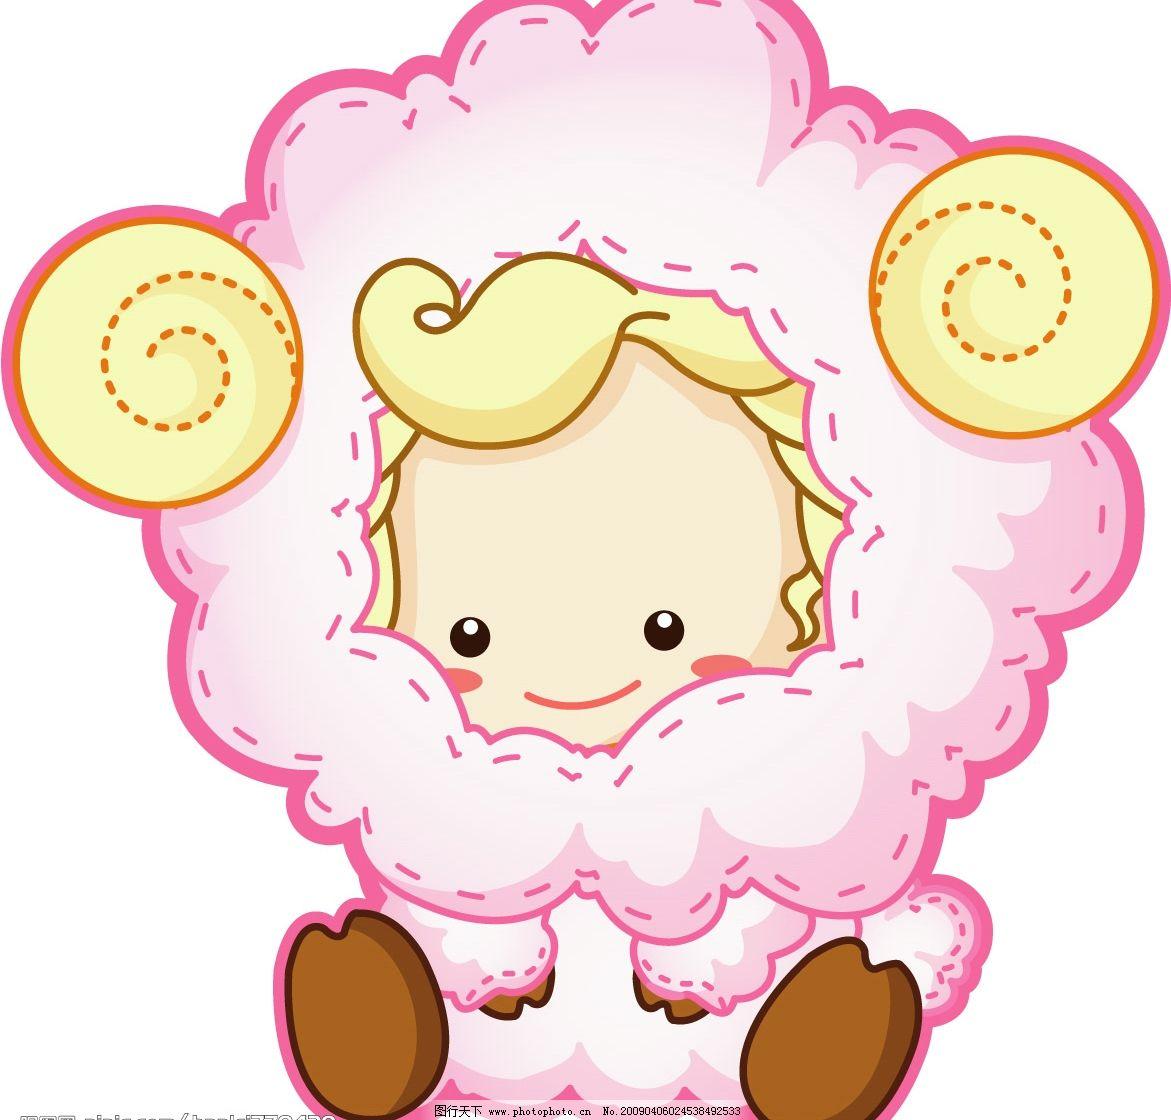 绵羊小孩 宝宝 绵羊 可爱 生物世界 家禽家畜 矢量图库 ai